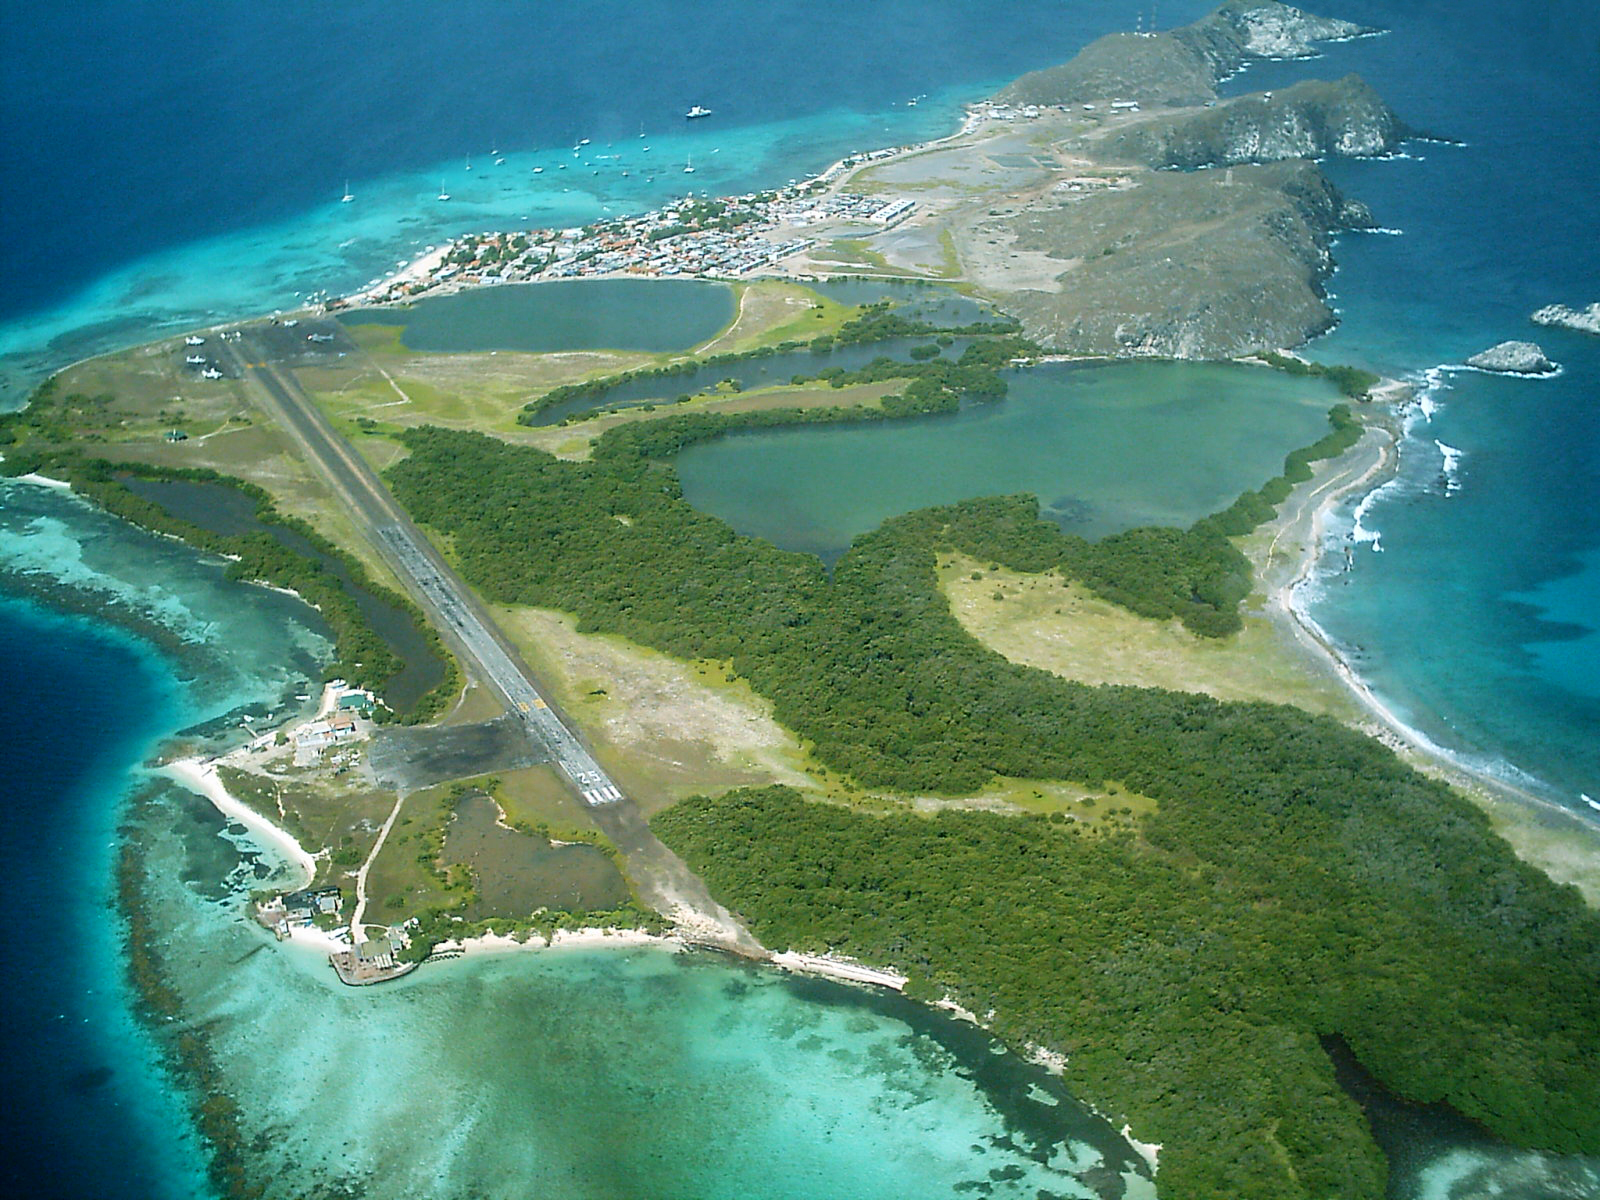 Аэропорт Лос-Рокес на острове Эль-Гран-Рок принадлежащем Венесуэле